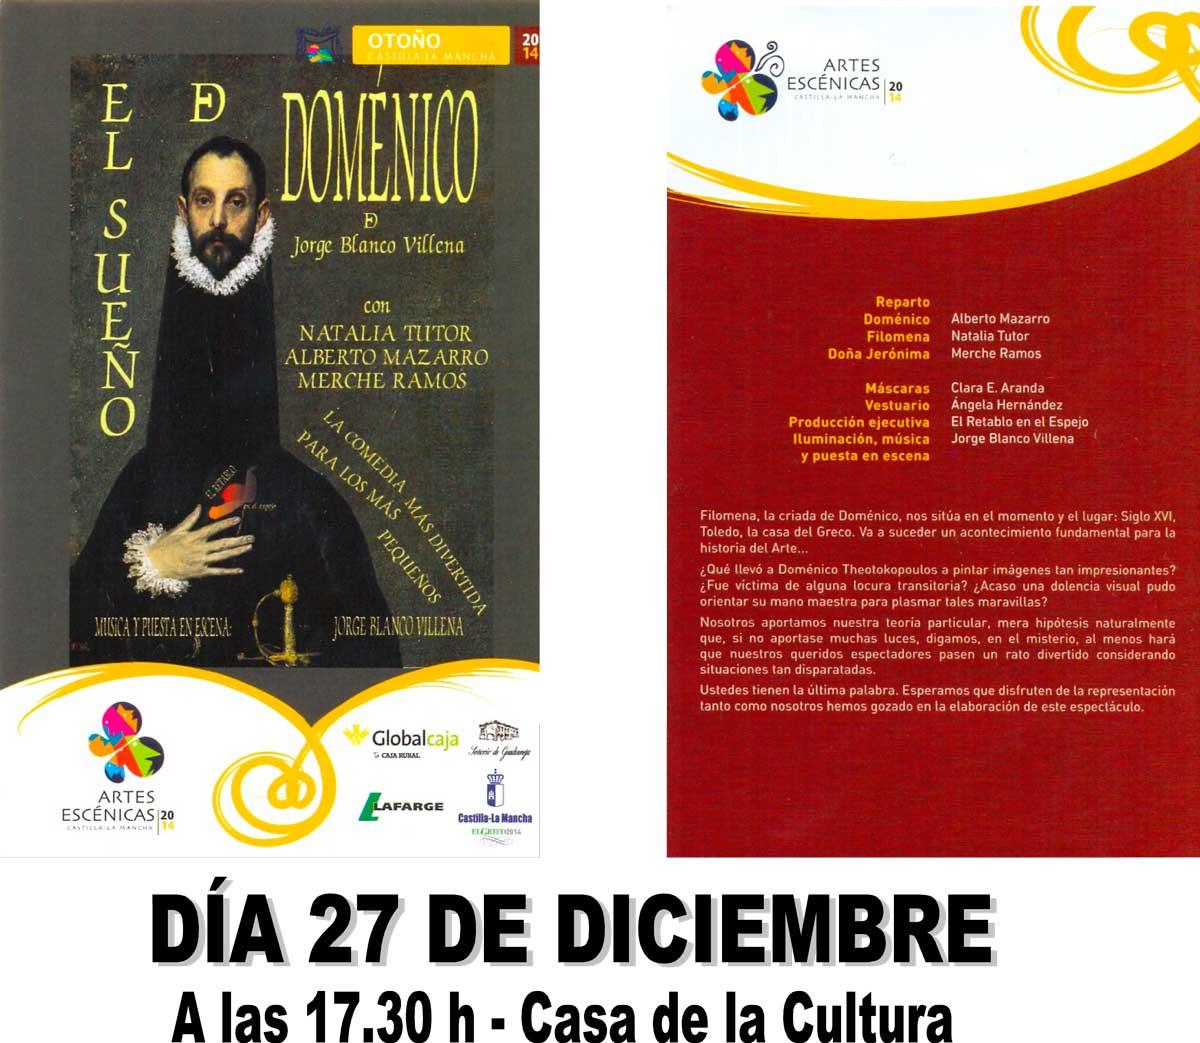 Cartel-El-sueño-de-Doménico-27-12-2014